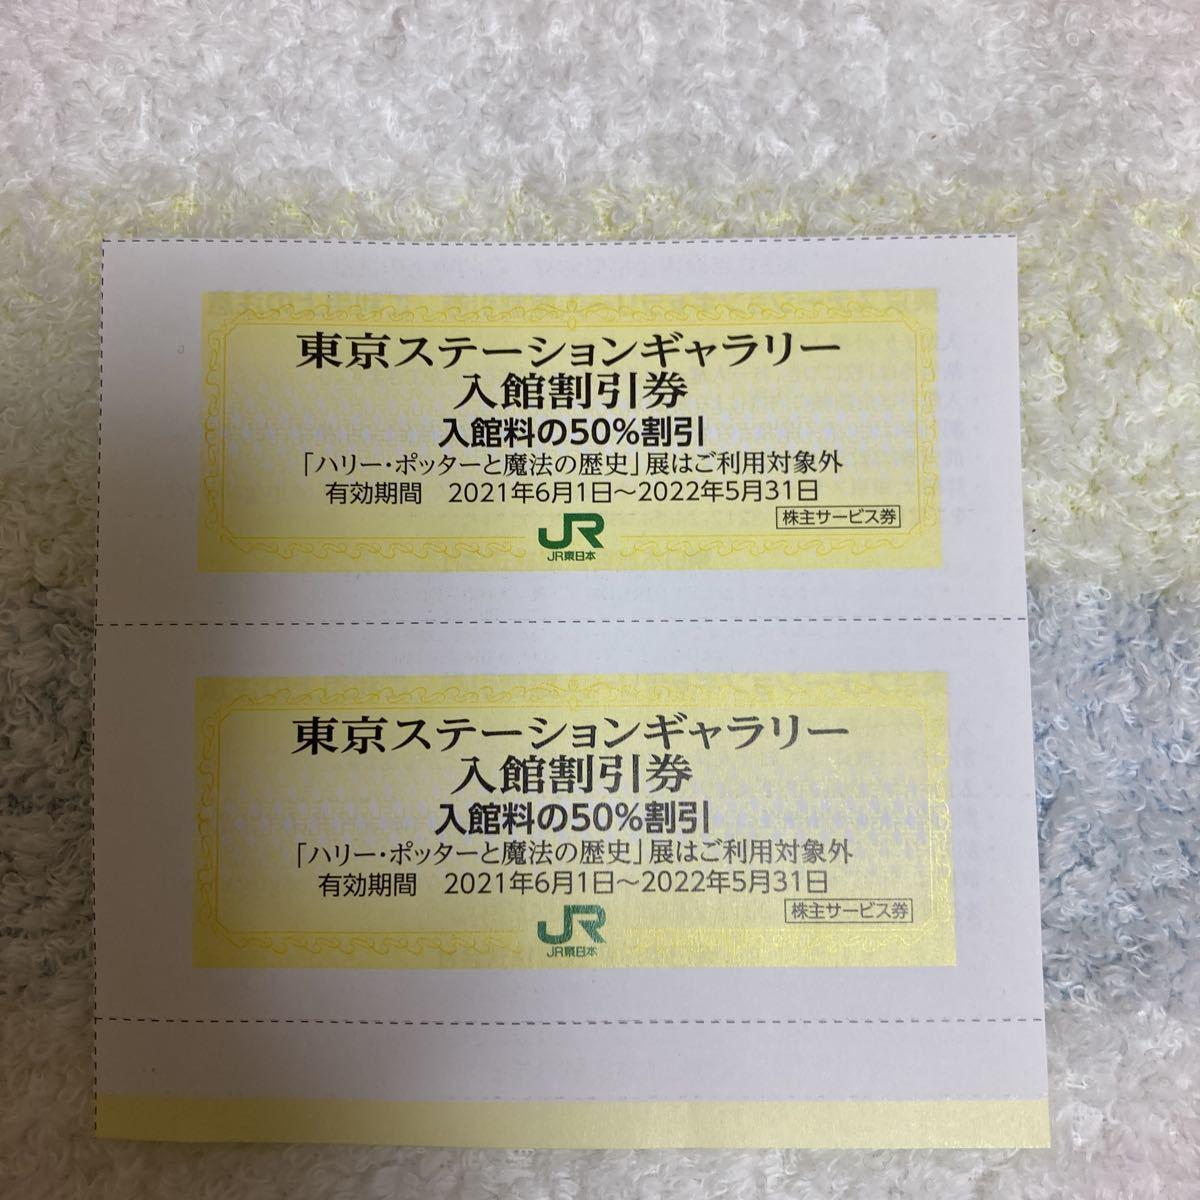 即決! JR東日本株主優待◆東京ステーションギャラリー入館割引券2枚◆2022年5月31日まで◆送料63円_画像1